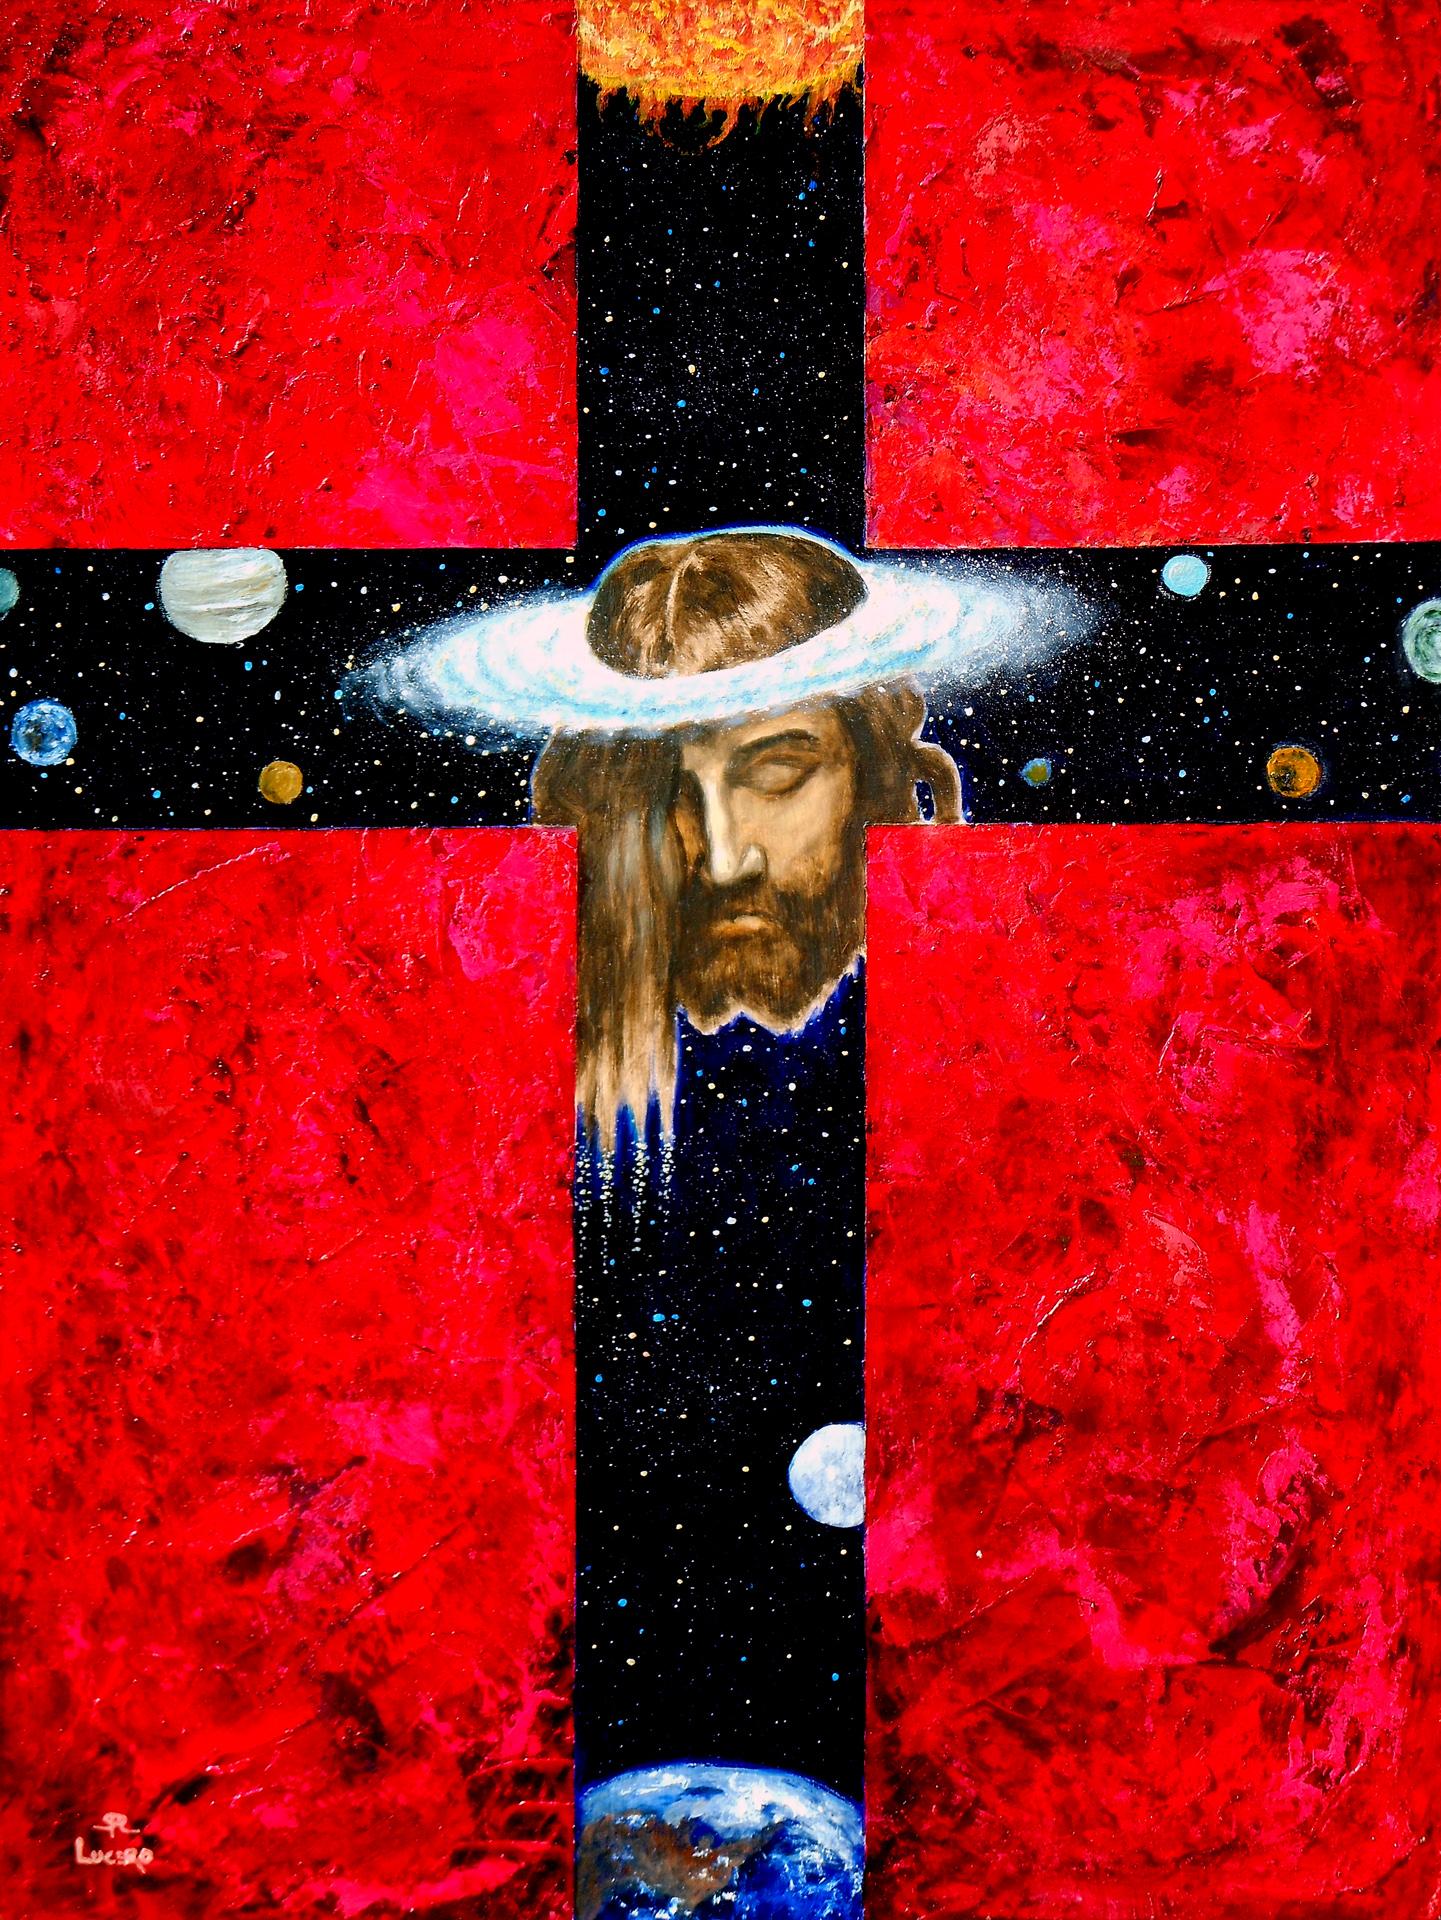 Cosmic Lord